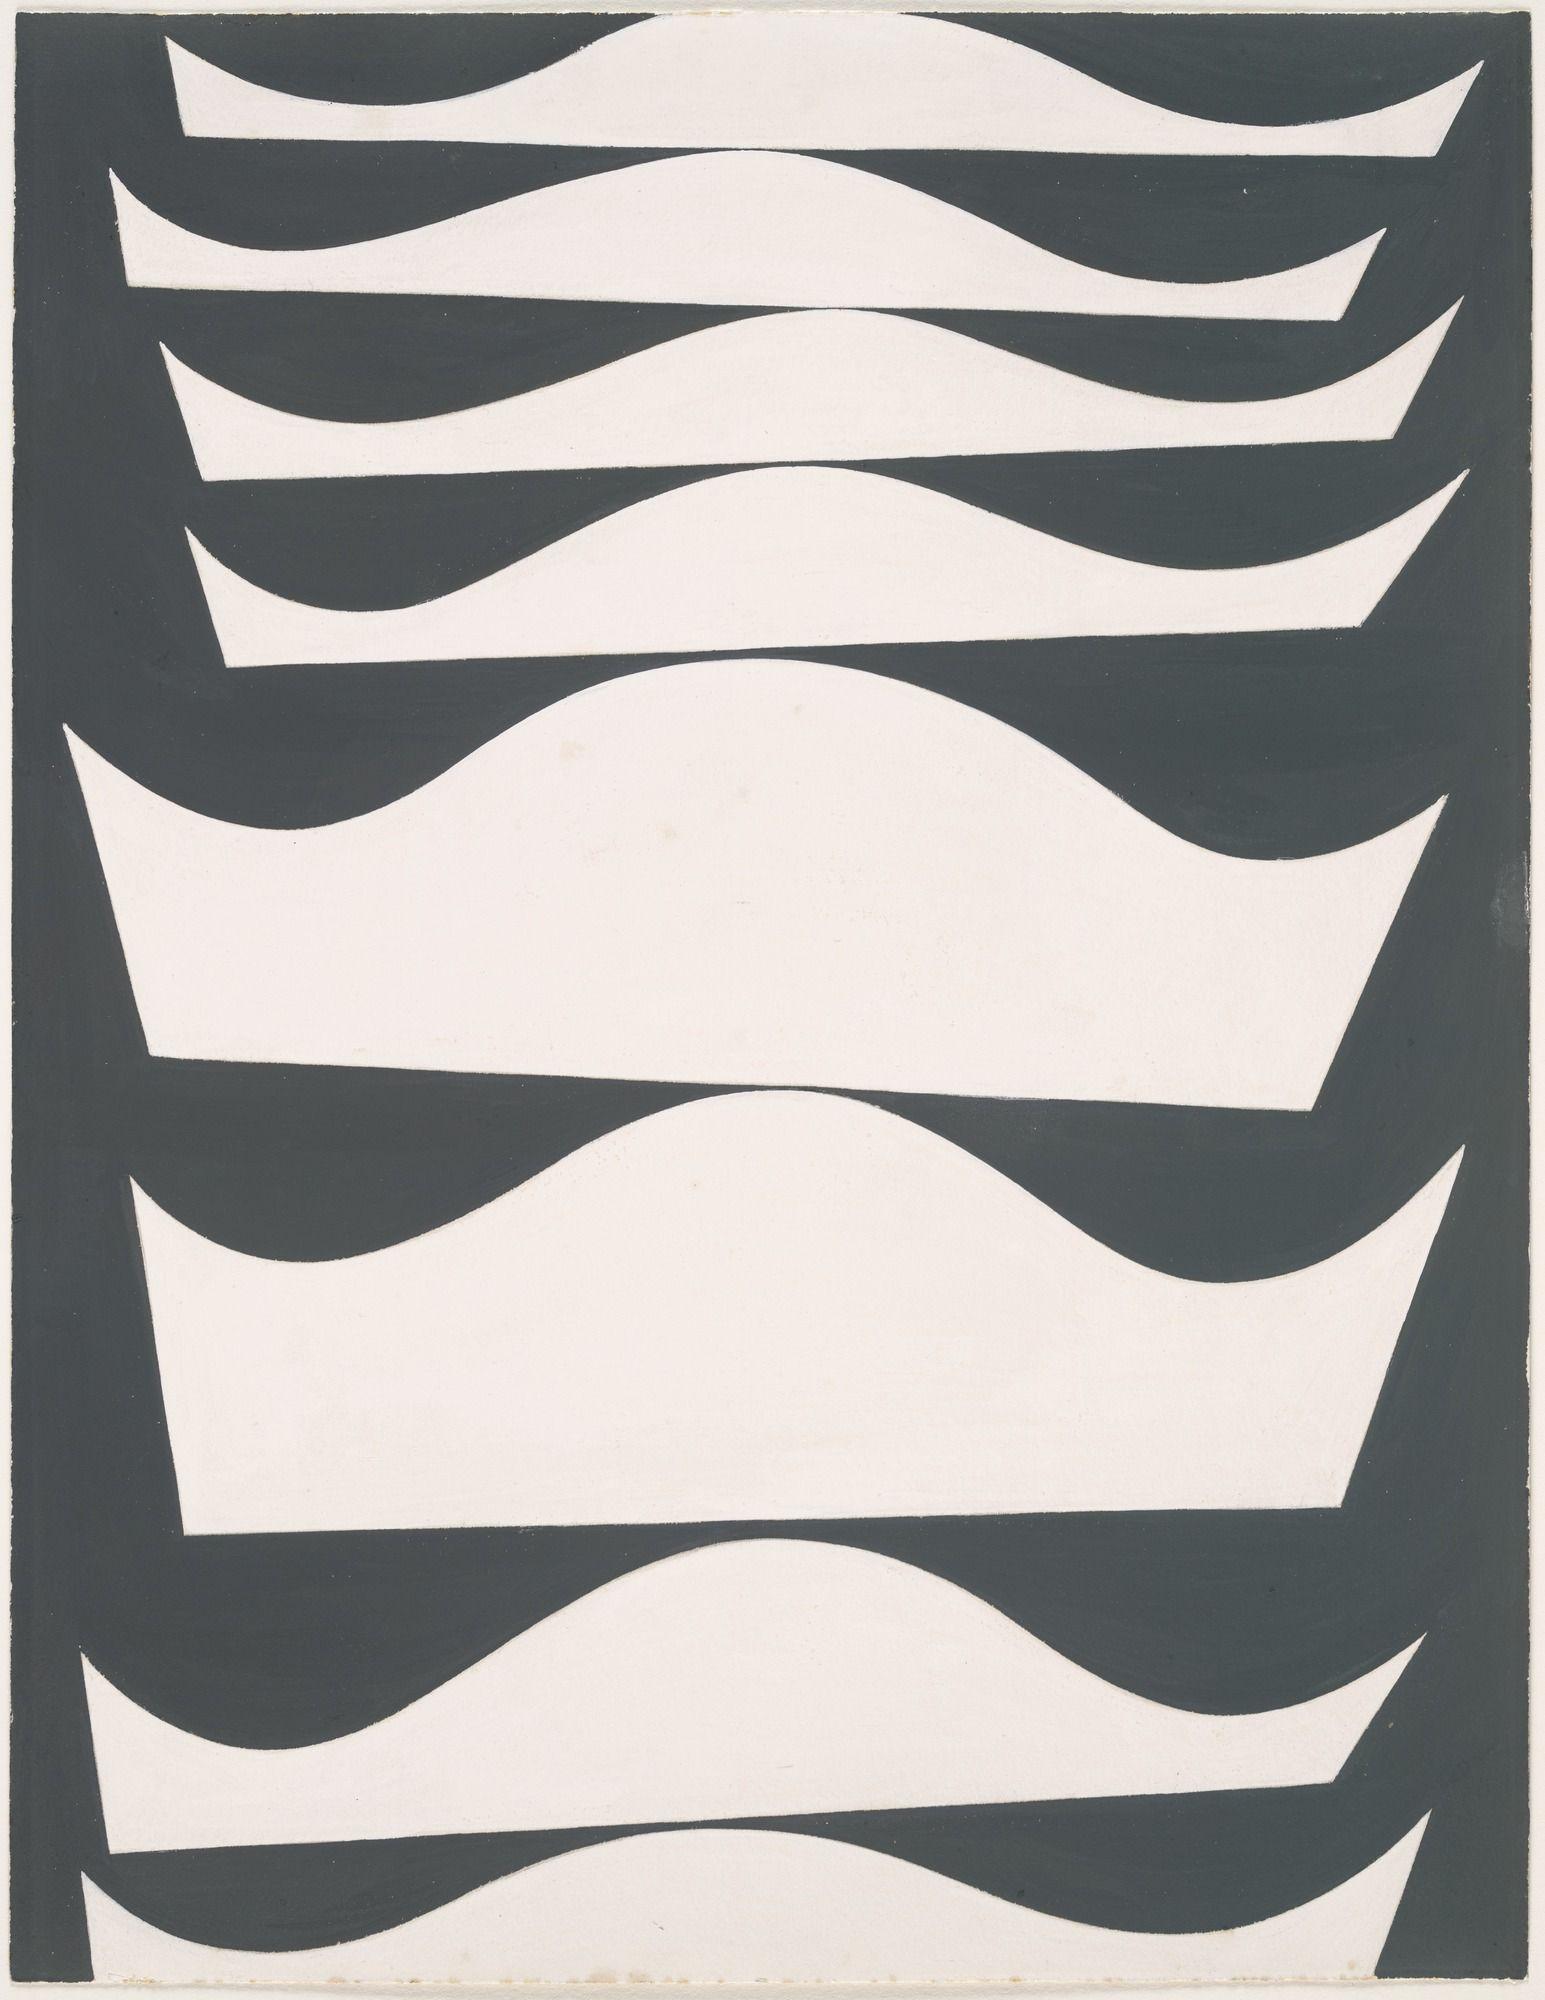 Sophie Taeuber-Arp. Échelonnement désaxé. (1934)